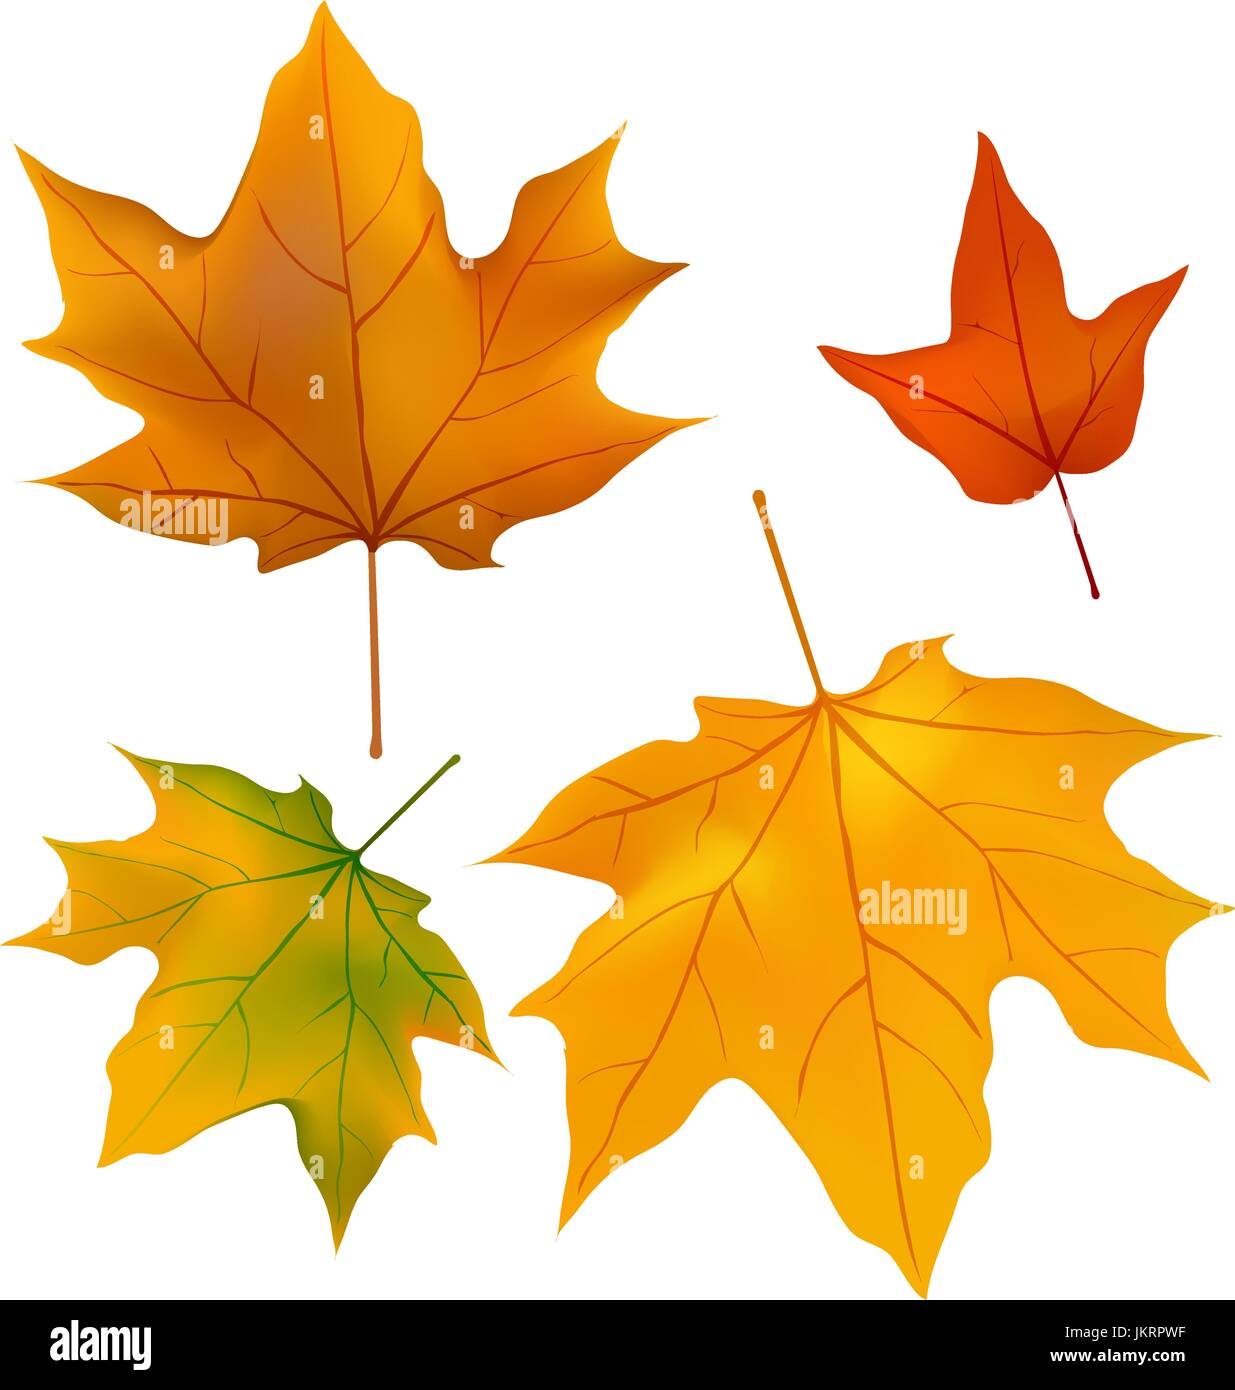 Laub Pflanzen Blatter Hintergrund Ahorn Ahornblatt Zeichnen Muster